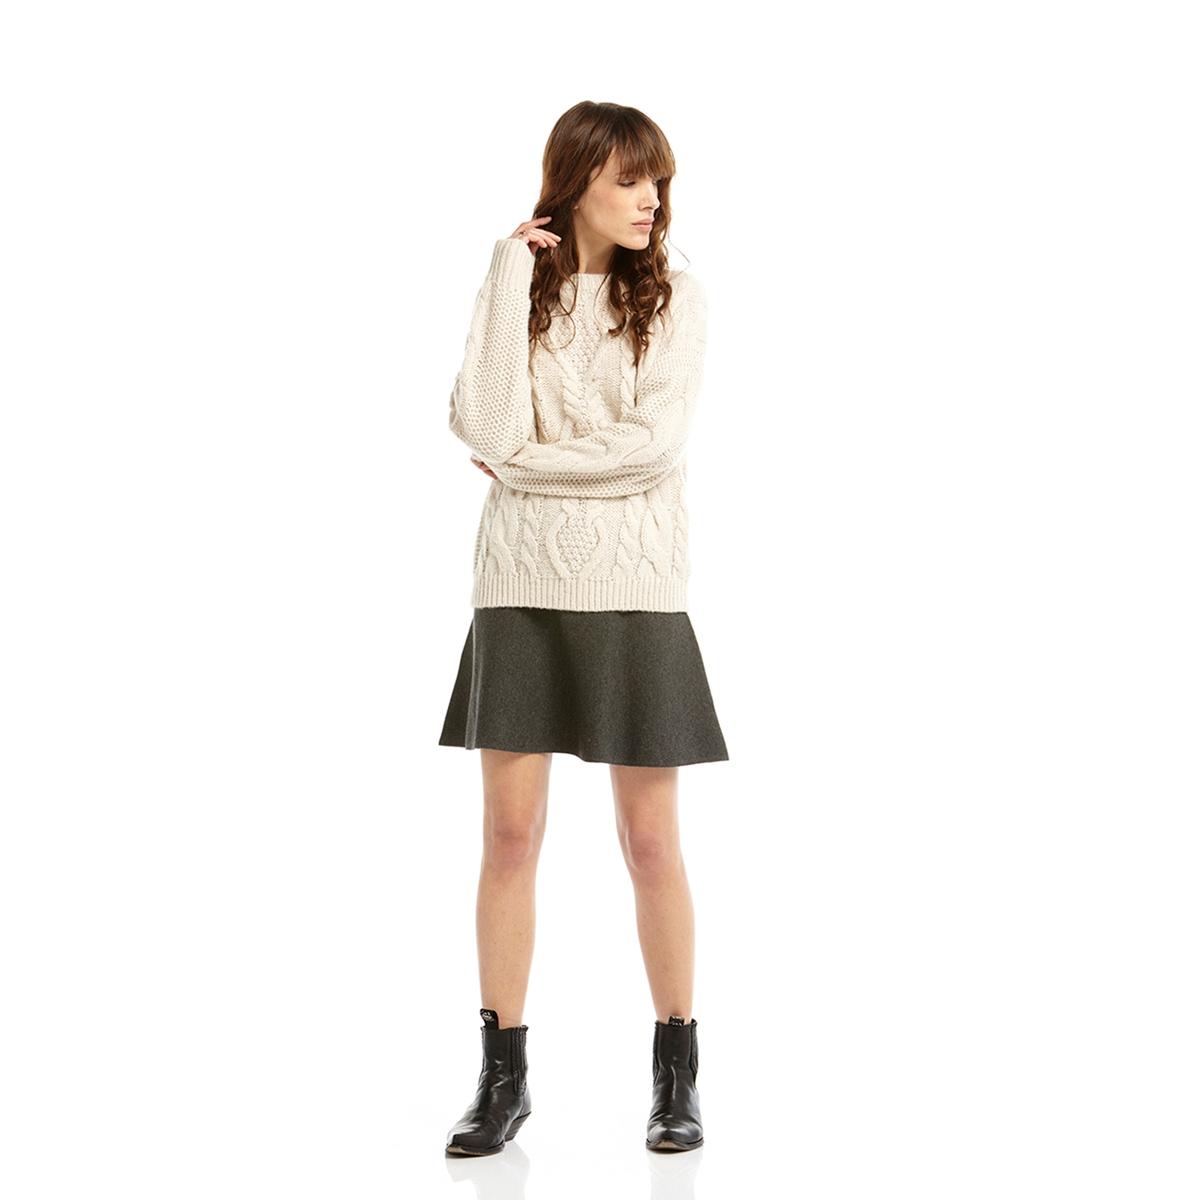 Пуловер, вязка косичкаПуловер с длинными рукавами CHARLISE . Пуловер комфортного прямого покроя. Рельефный трикотаж с вязкой в косичку  . Вырез, низ и манжеты связаны в рубчик . Круглый вырез Состав и описание :Материал : 40% мохера, 37% полиамида, 23% акрилаМарка : CHARLISE.<br><br>Цвет: экрю<br>Размер: M